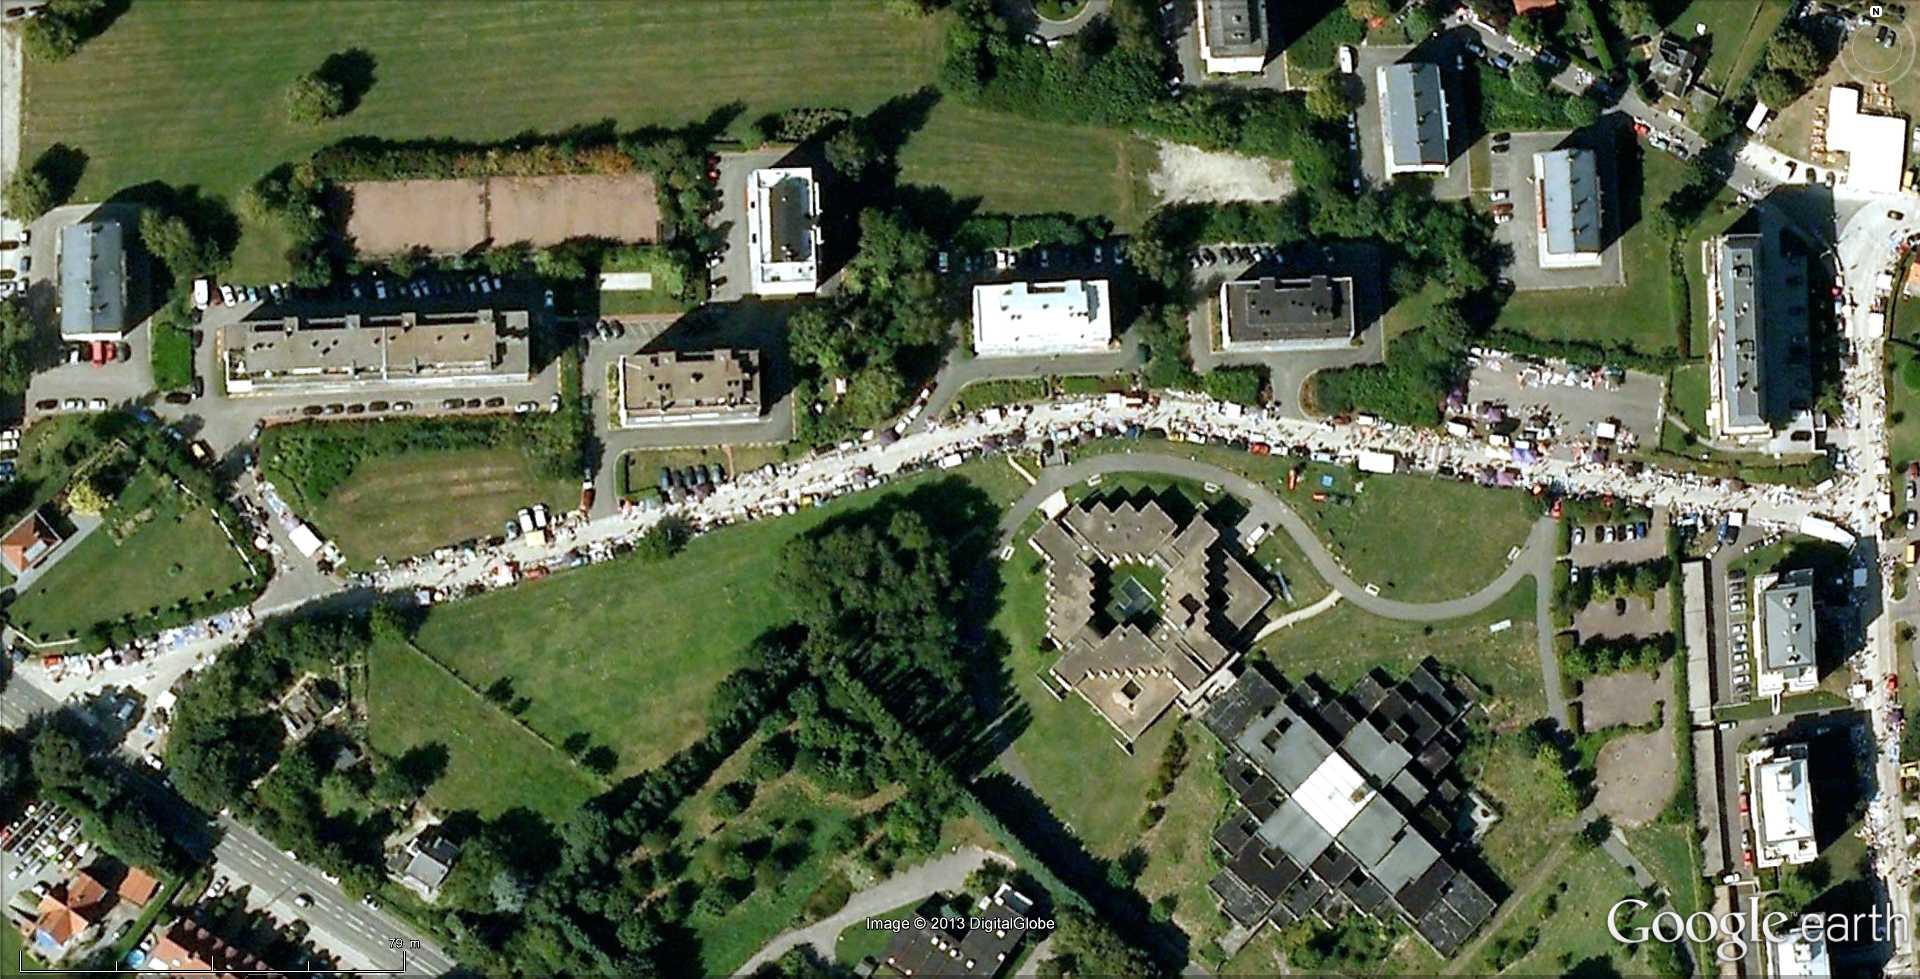 Fêtes, concerts et autres attroupements sur Google Earth  - Page 2 2013-126